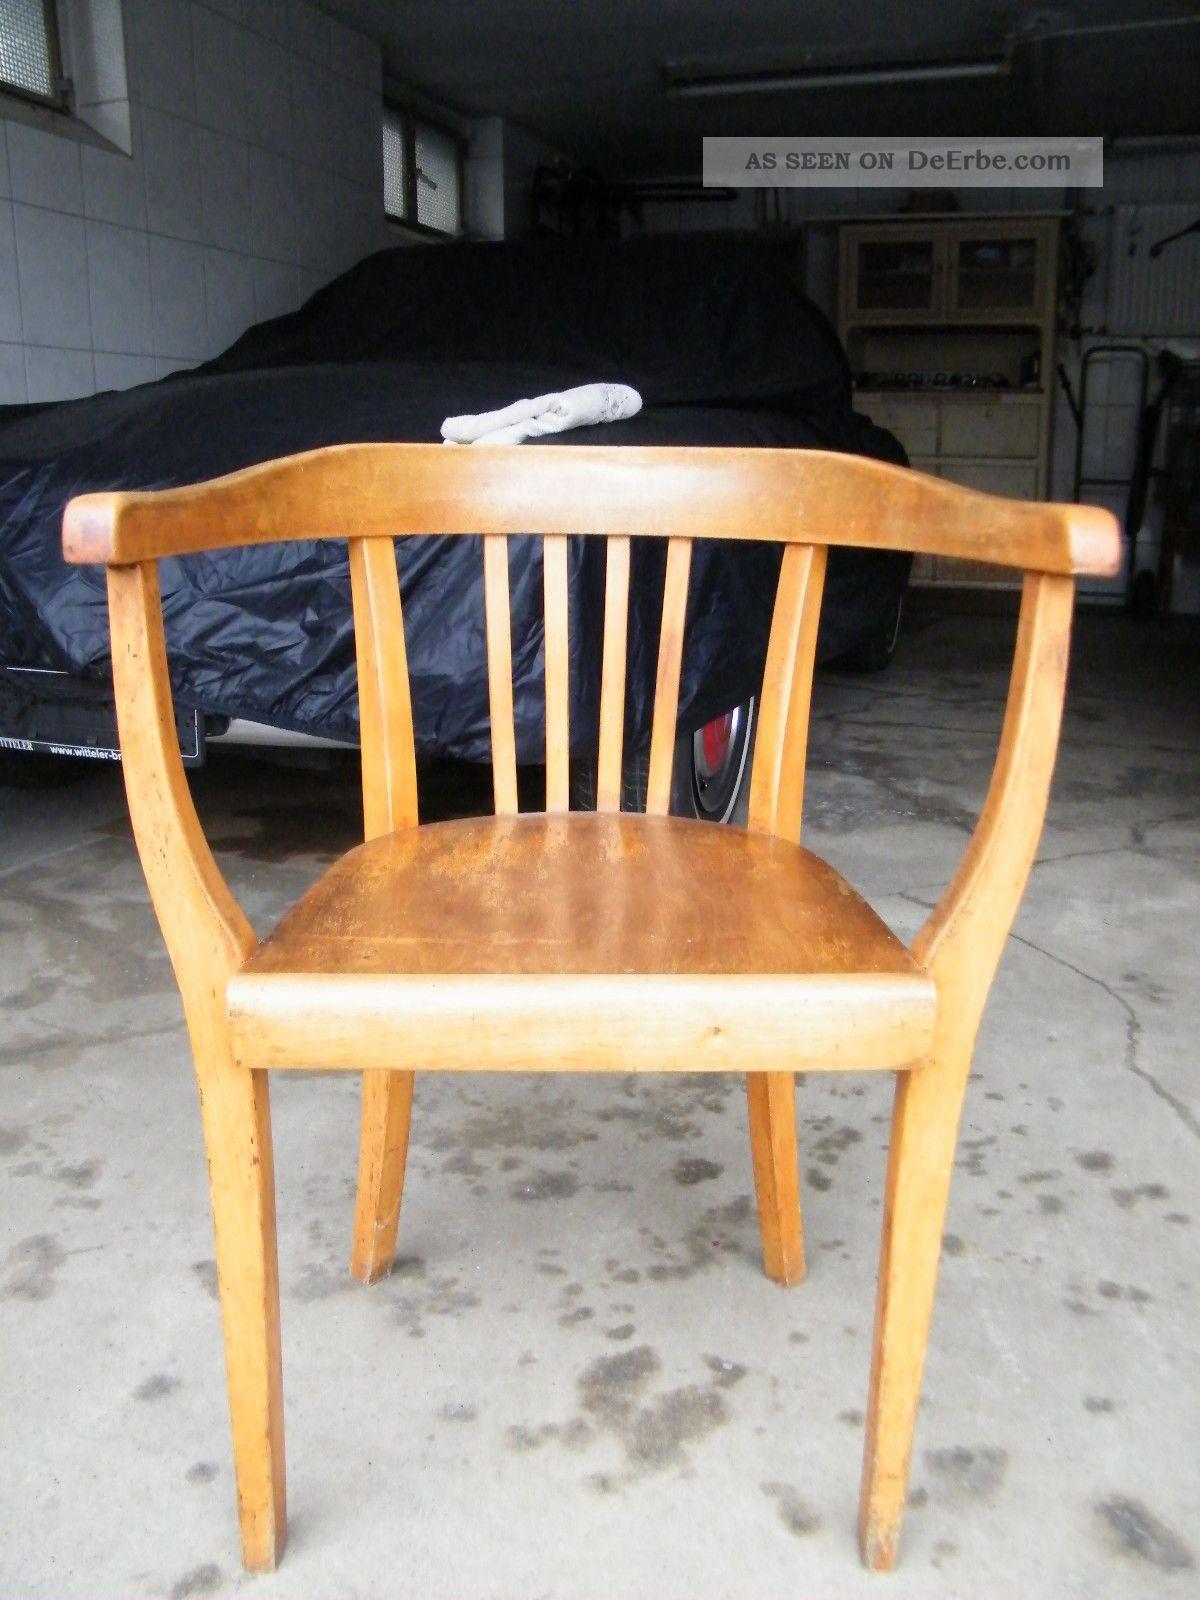 sch ner alter armlehnstuhl art deco ra bugholz ca 1930. Black Bedroom Furniture Sets. Home Design Ideas